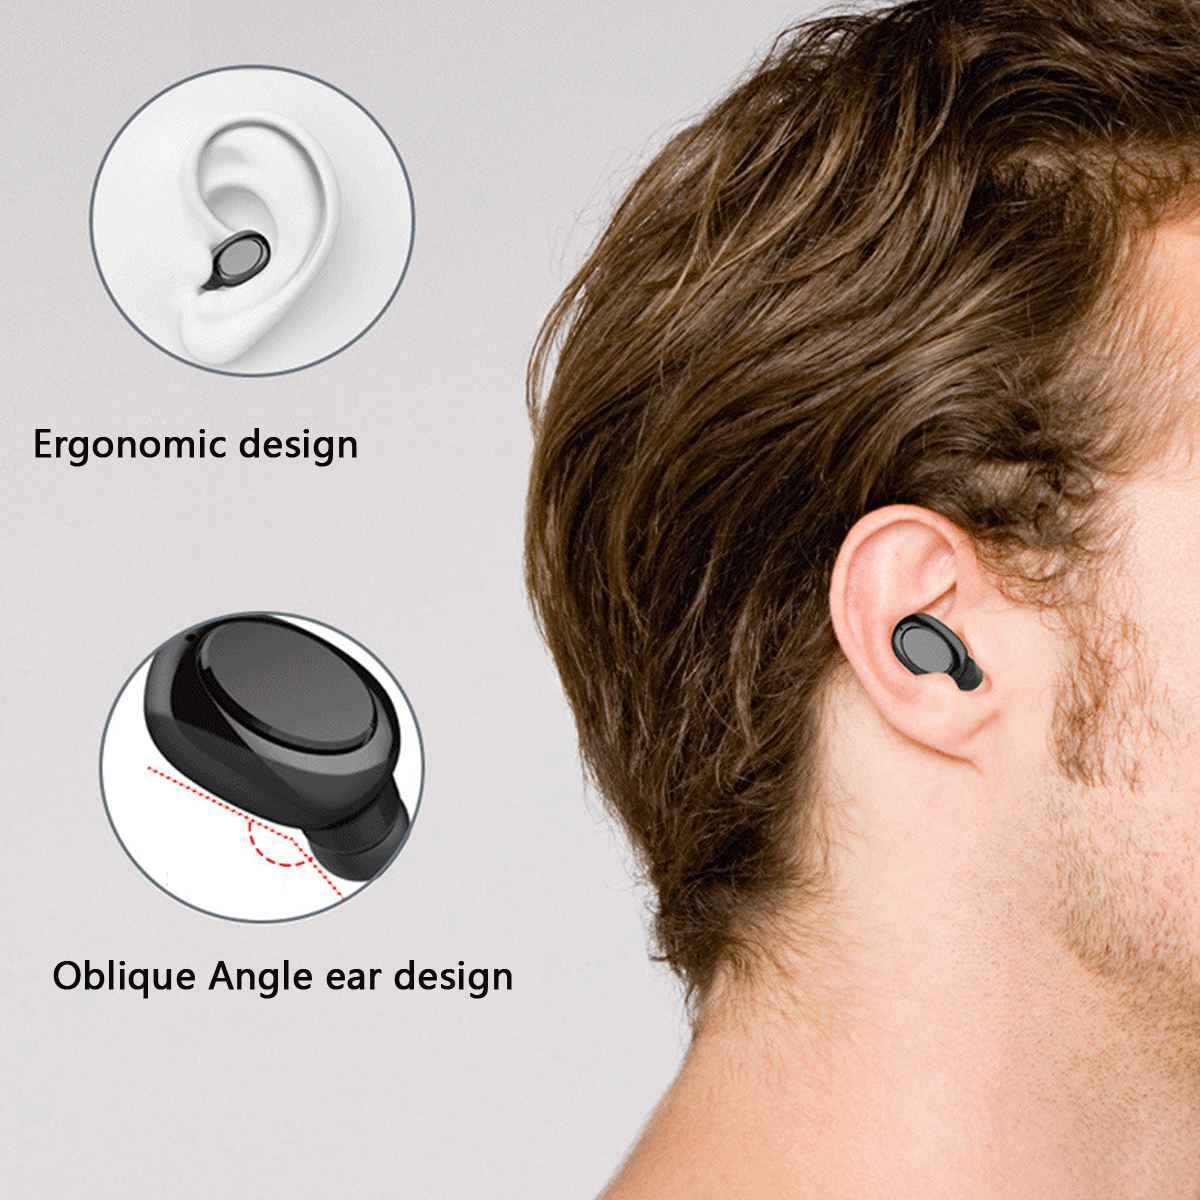 Pantalla LED Tws auriculares bluetooth Mini auriculares inalámbricos deporte manos libres auriculares inalámbricos con caja de carga